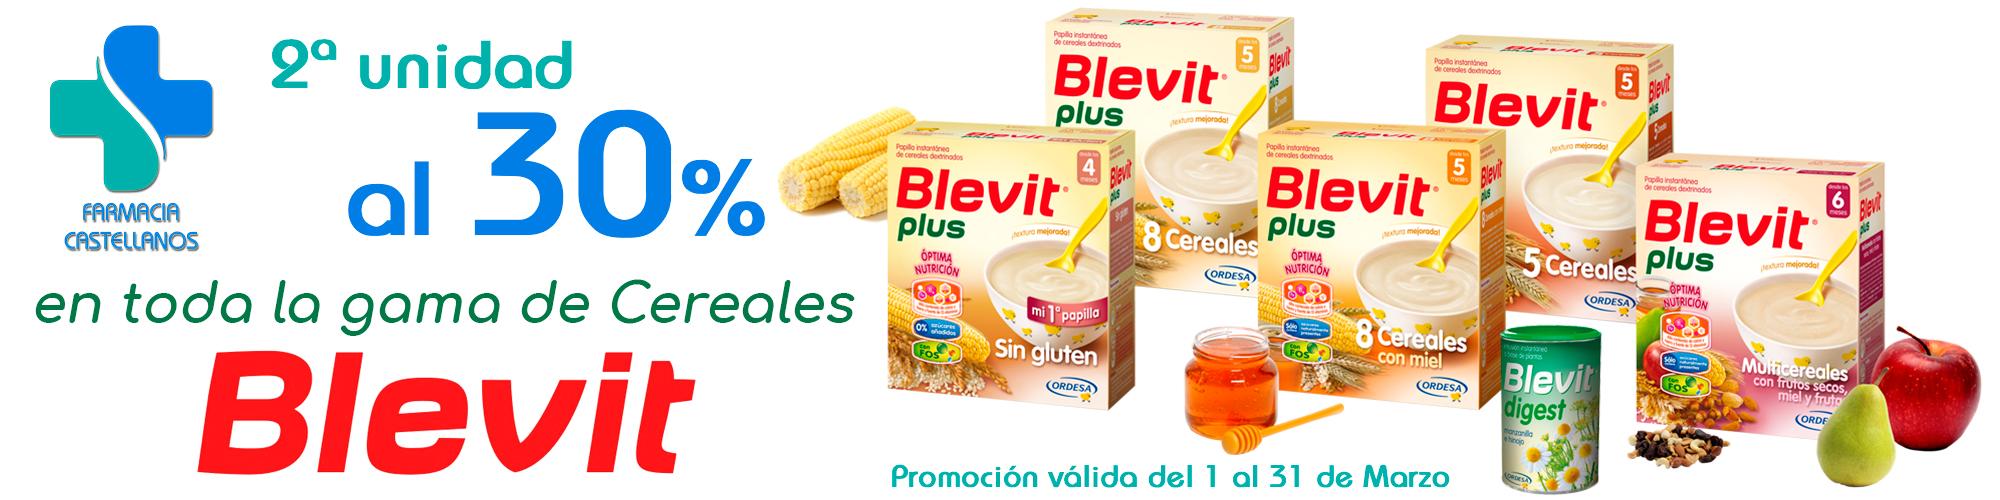 cereales-belvit-promocion-farmaciabeatrizcastellanos